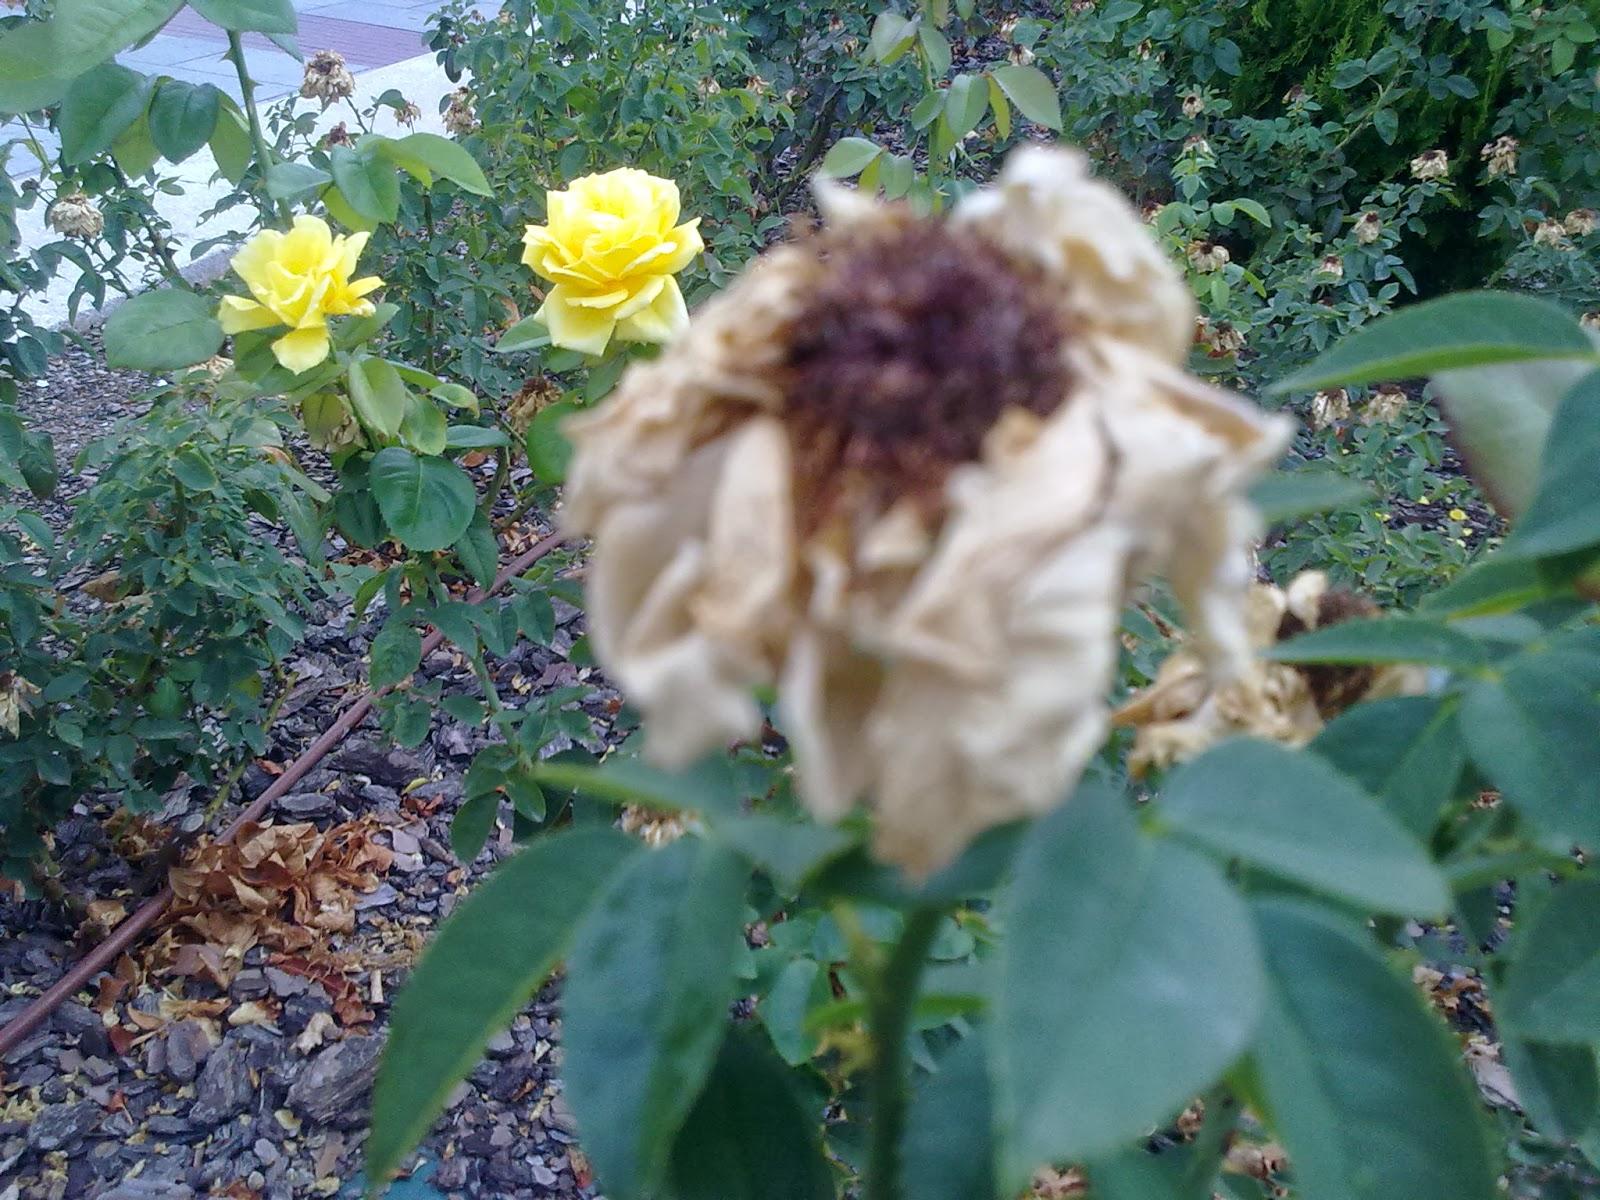 Imagenes De Rosas Marchitas - Flores Marchitas Imágenes De Archivo Vectores 123RF